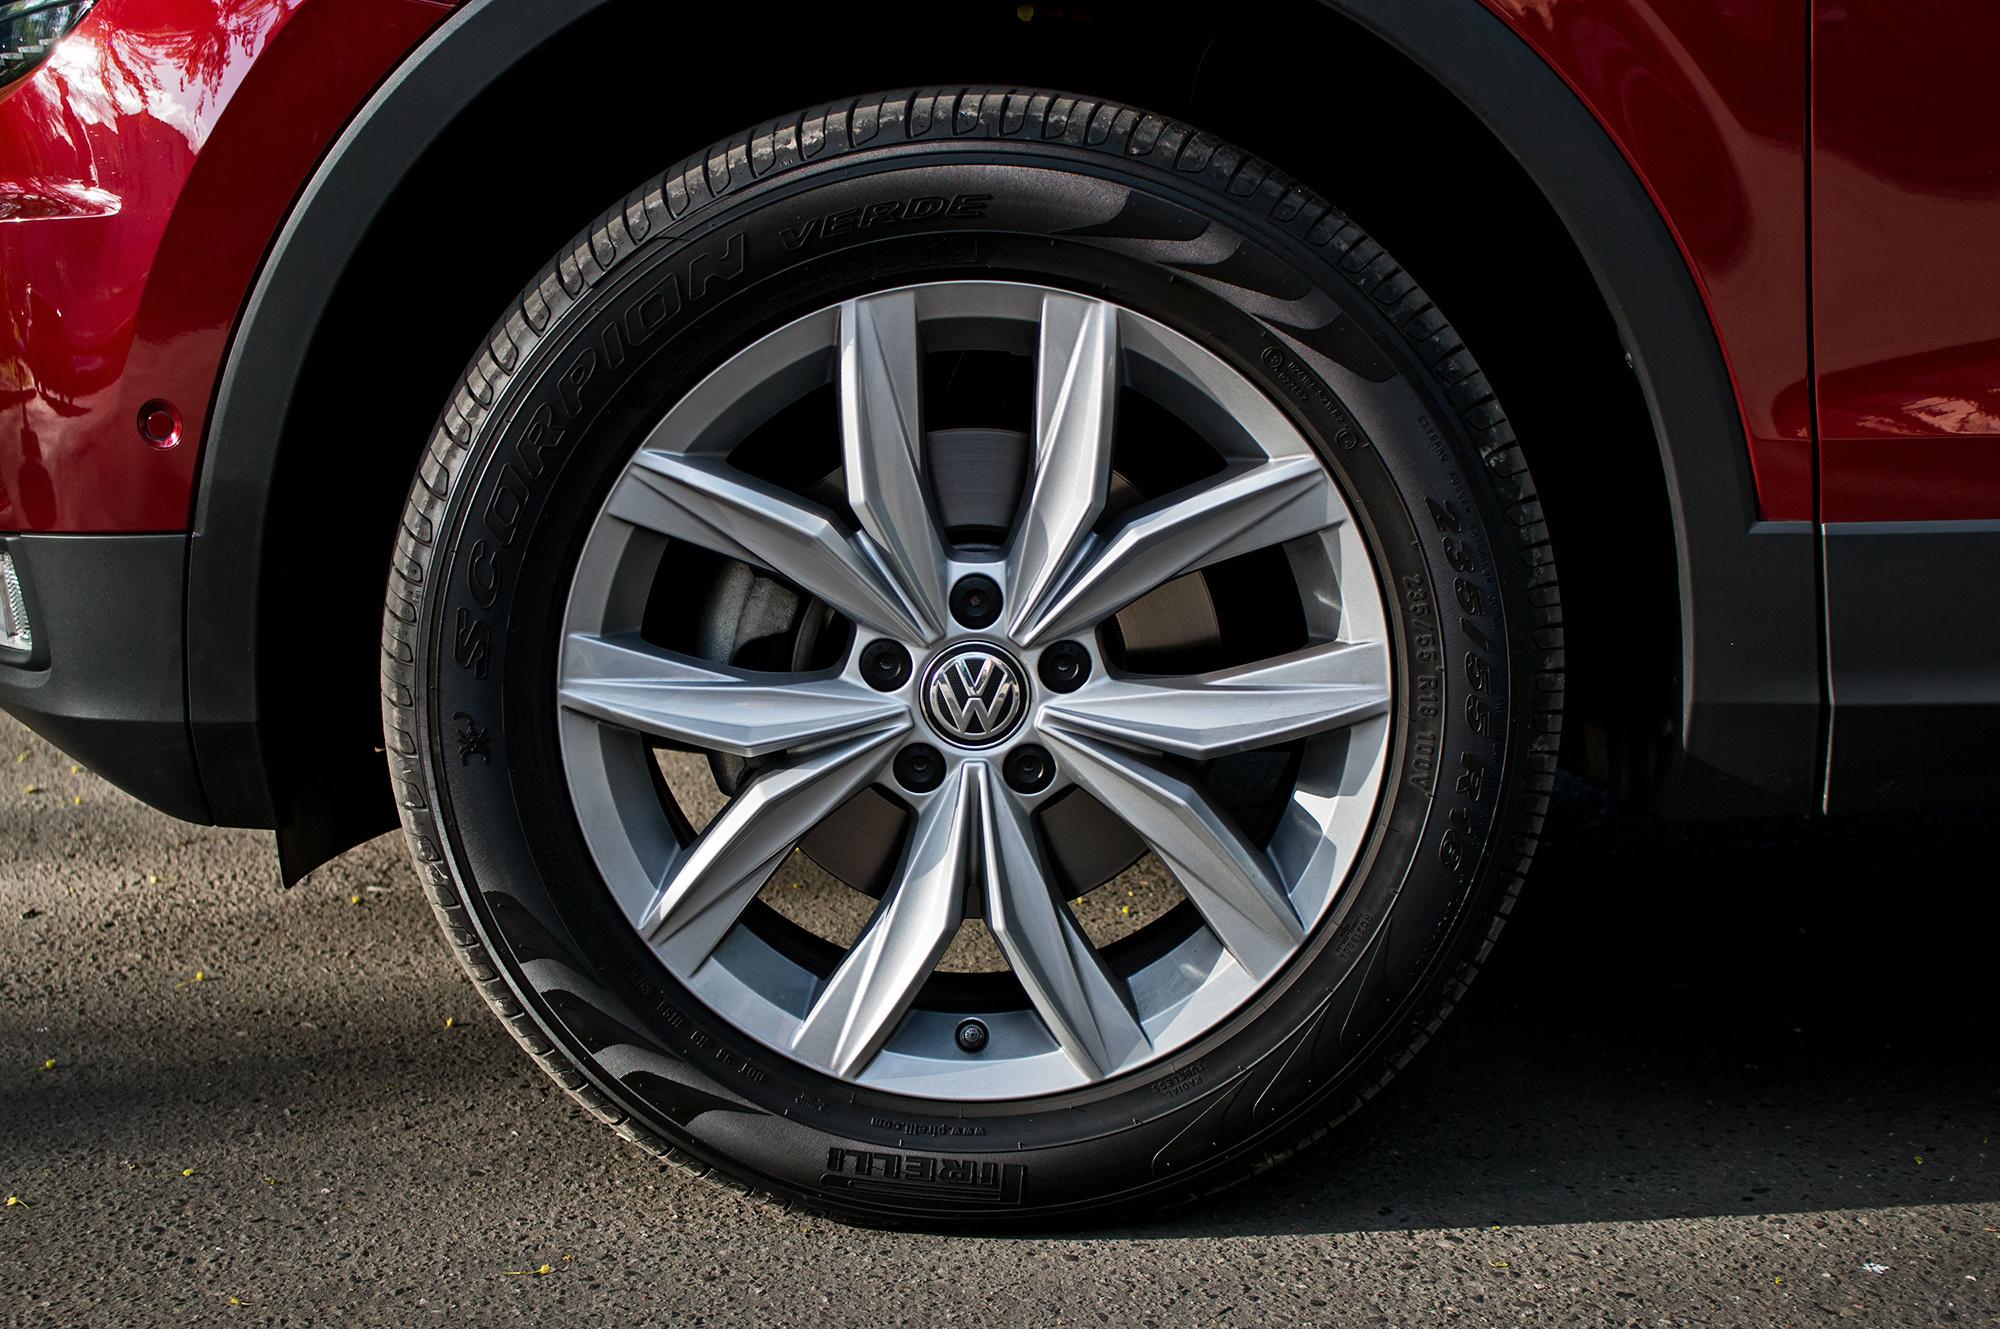 Volkswagen Tiguan High Quality Wallpapers